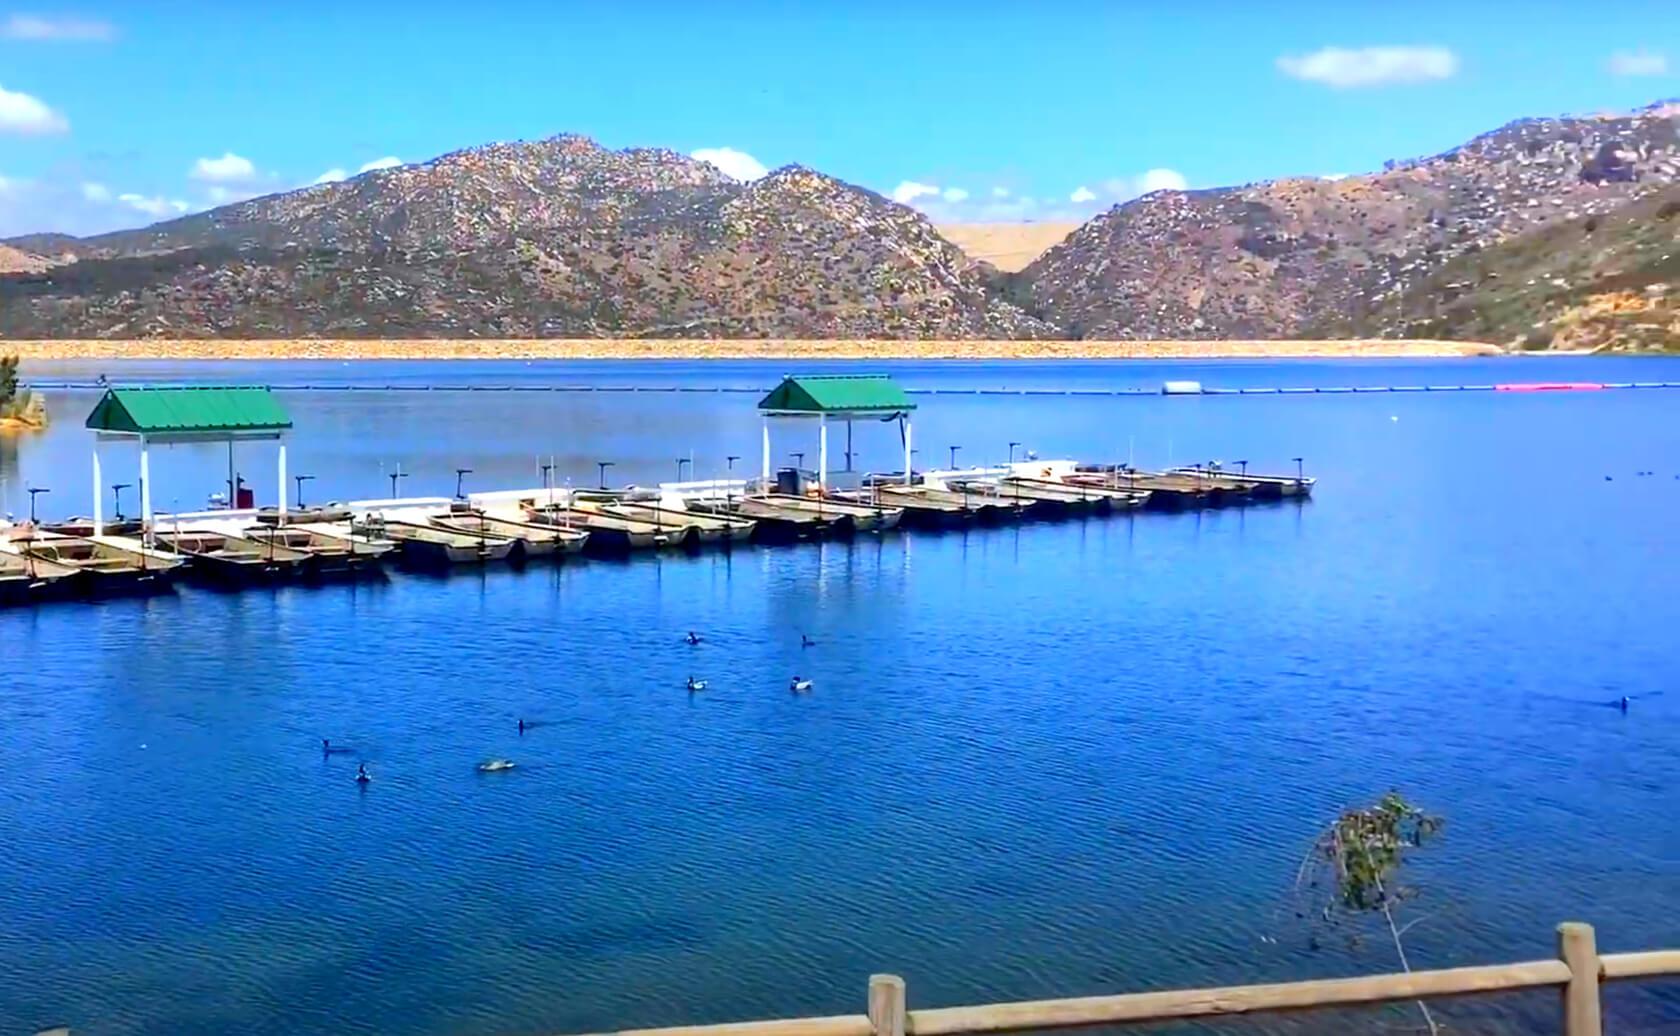 Poway-Lake-Fishing-Guide-Report-California-07